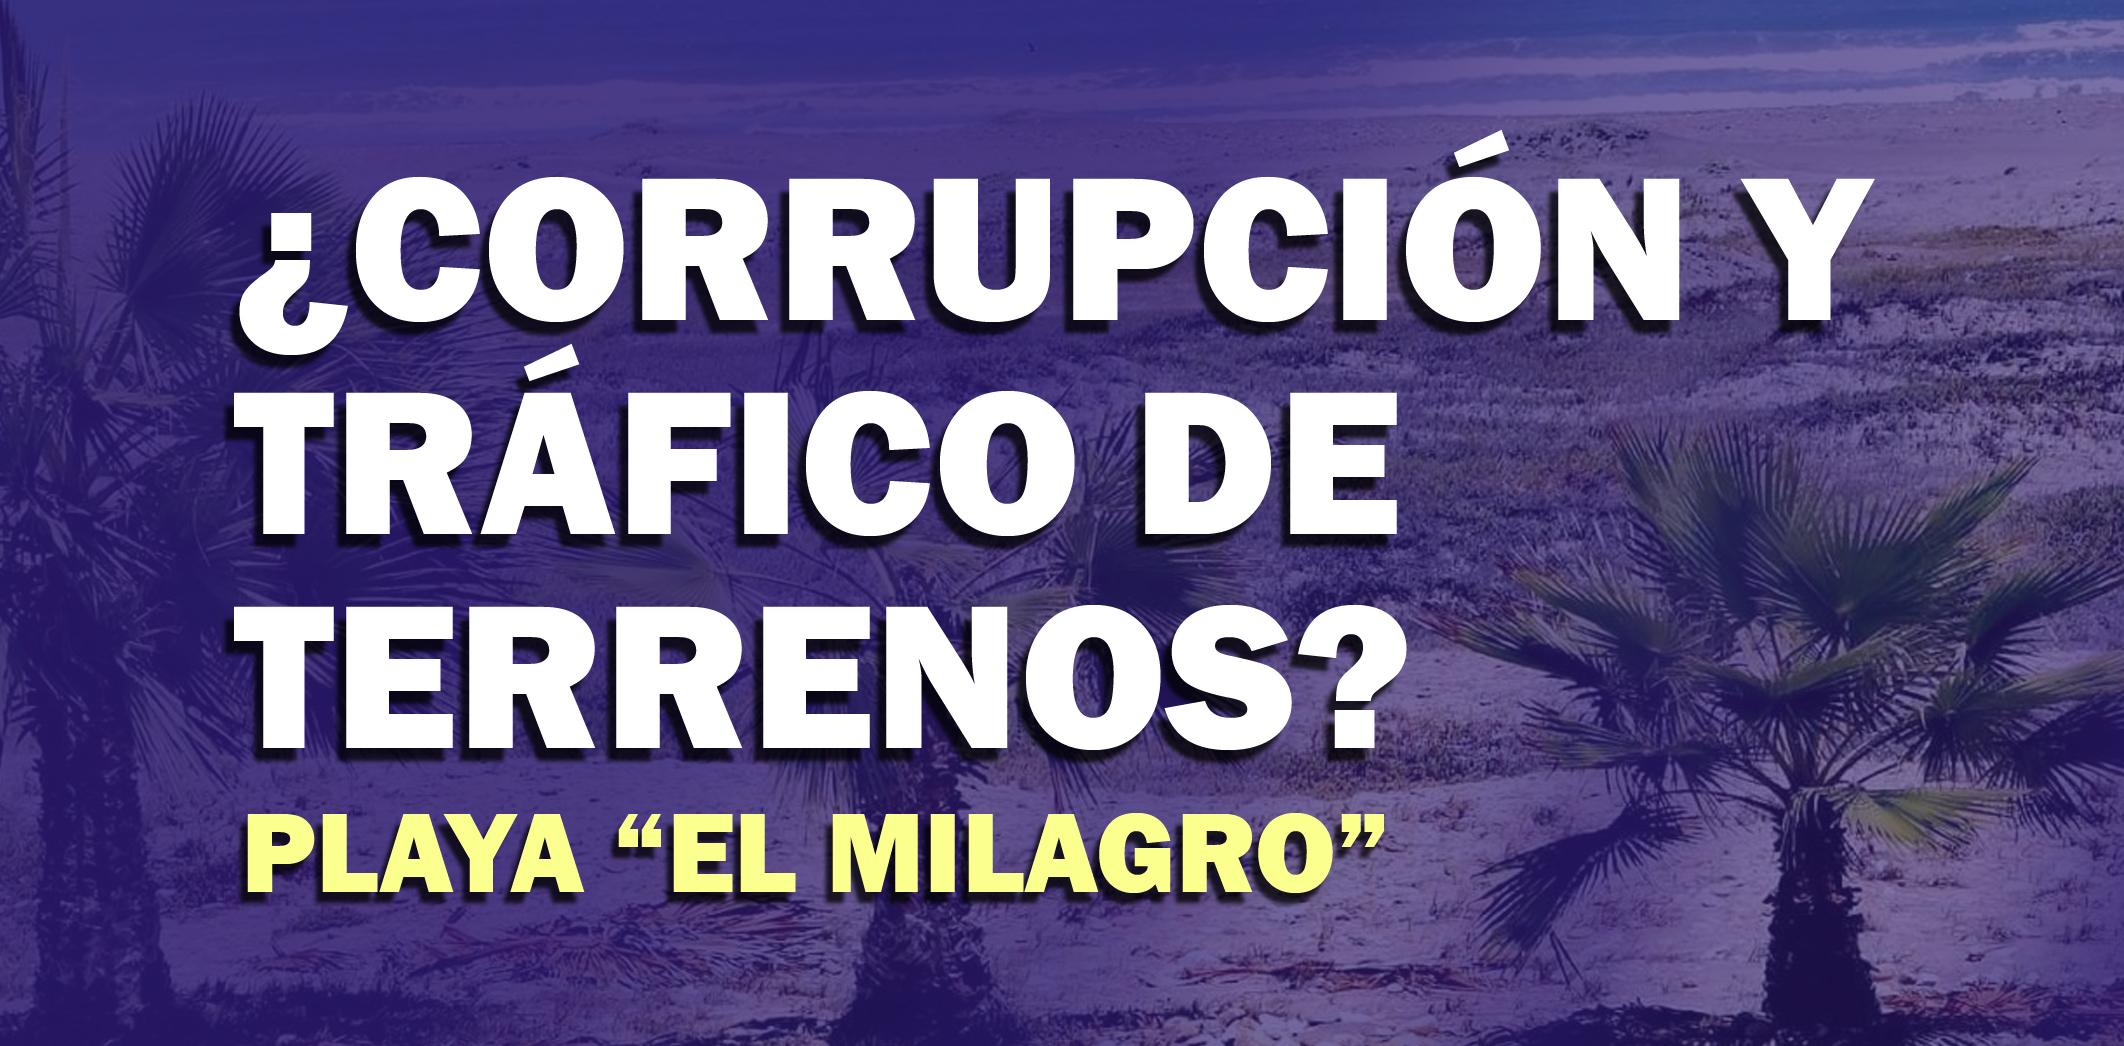 Corrupción y tráfico de terrenos en Ascope